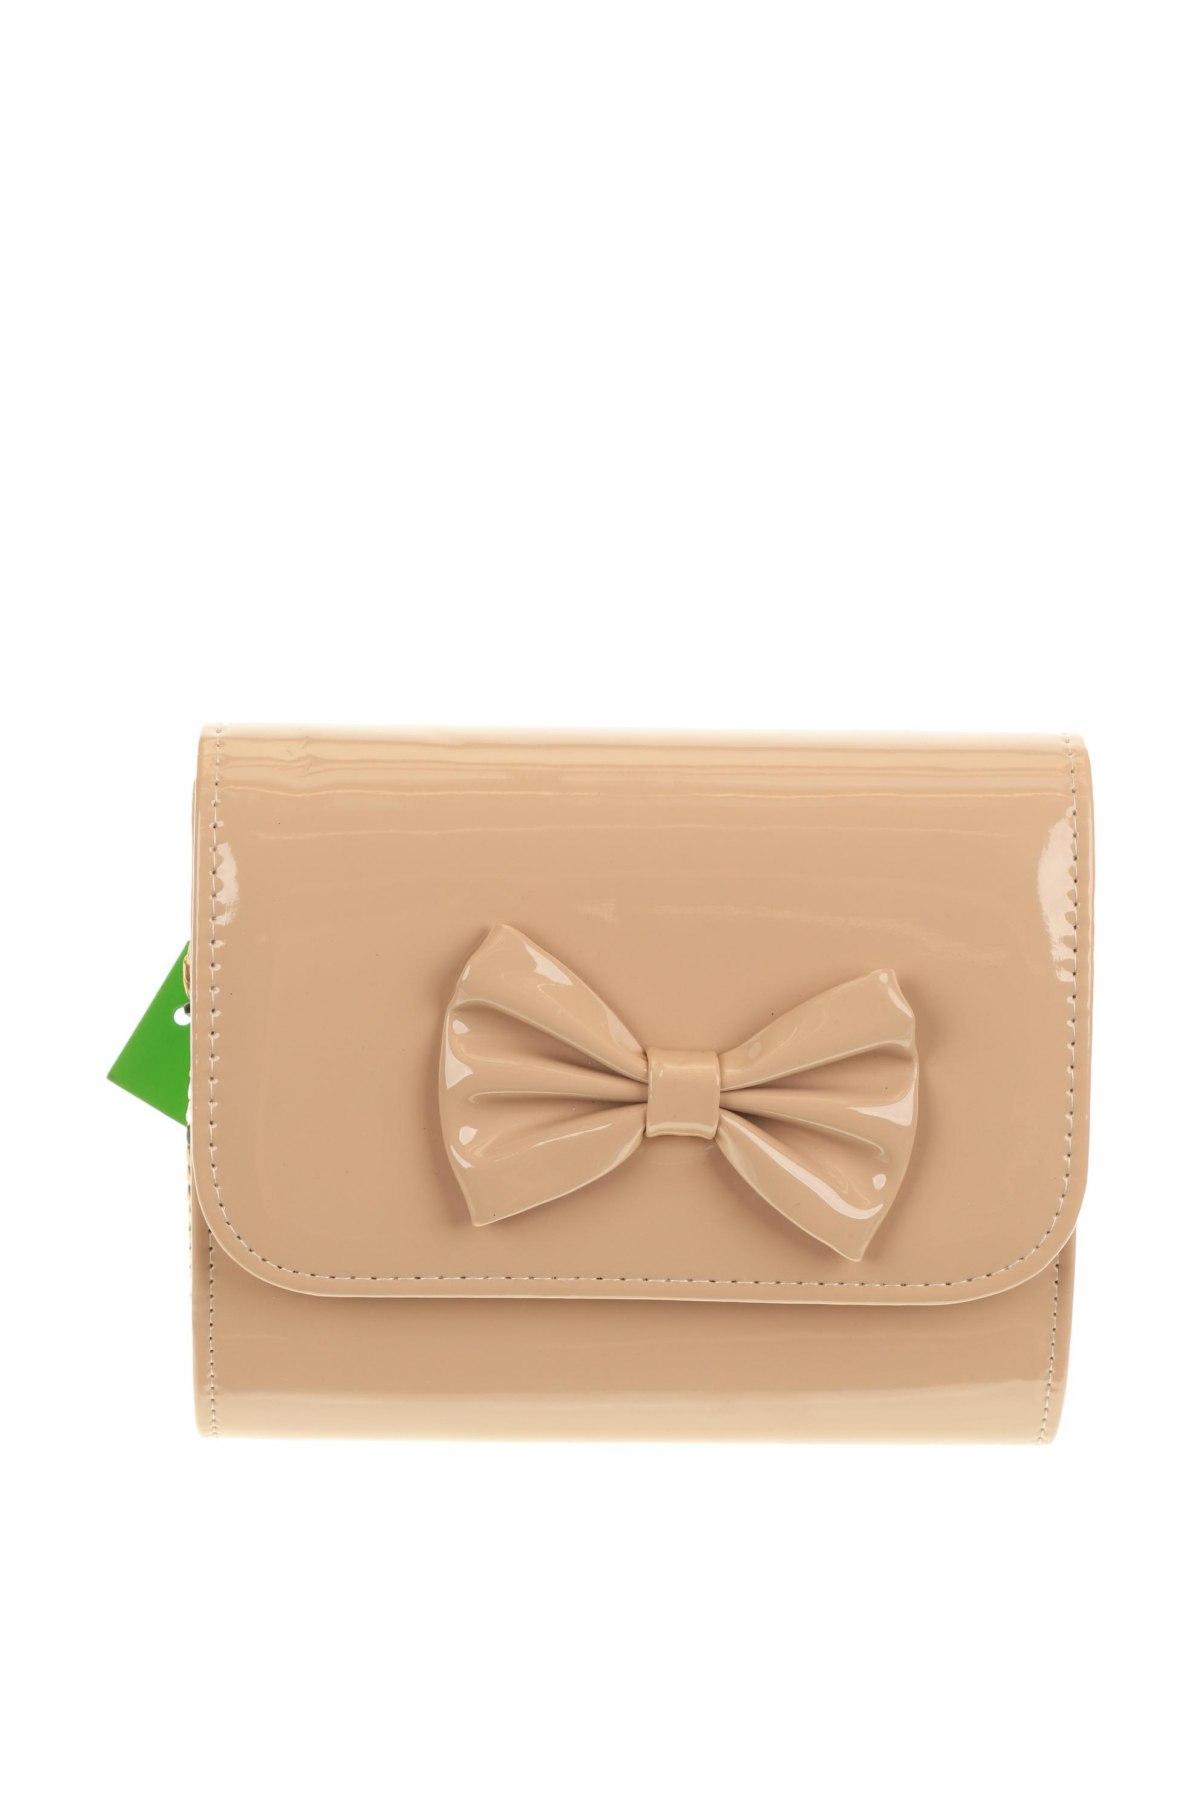 Дамска чанта Verde, Цвят Бежов, Еко кожа, Цена 11,80лв.